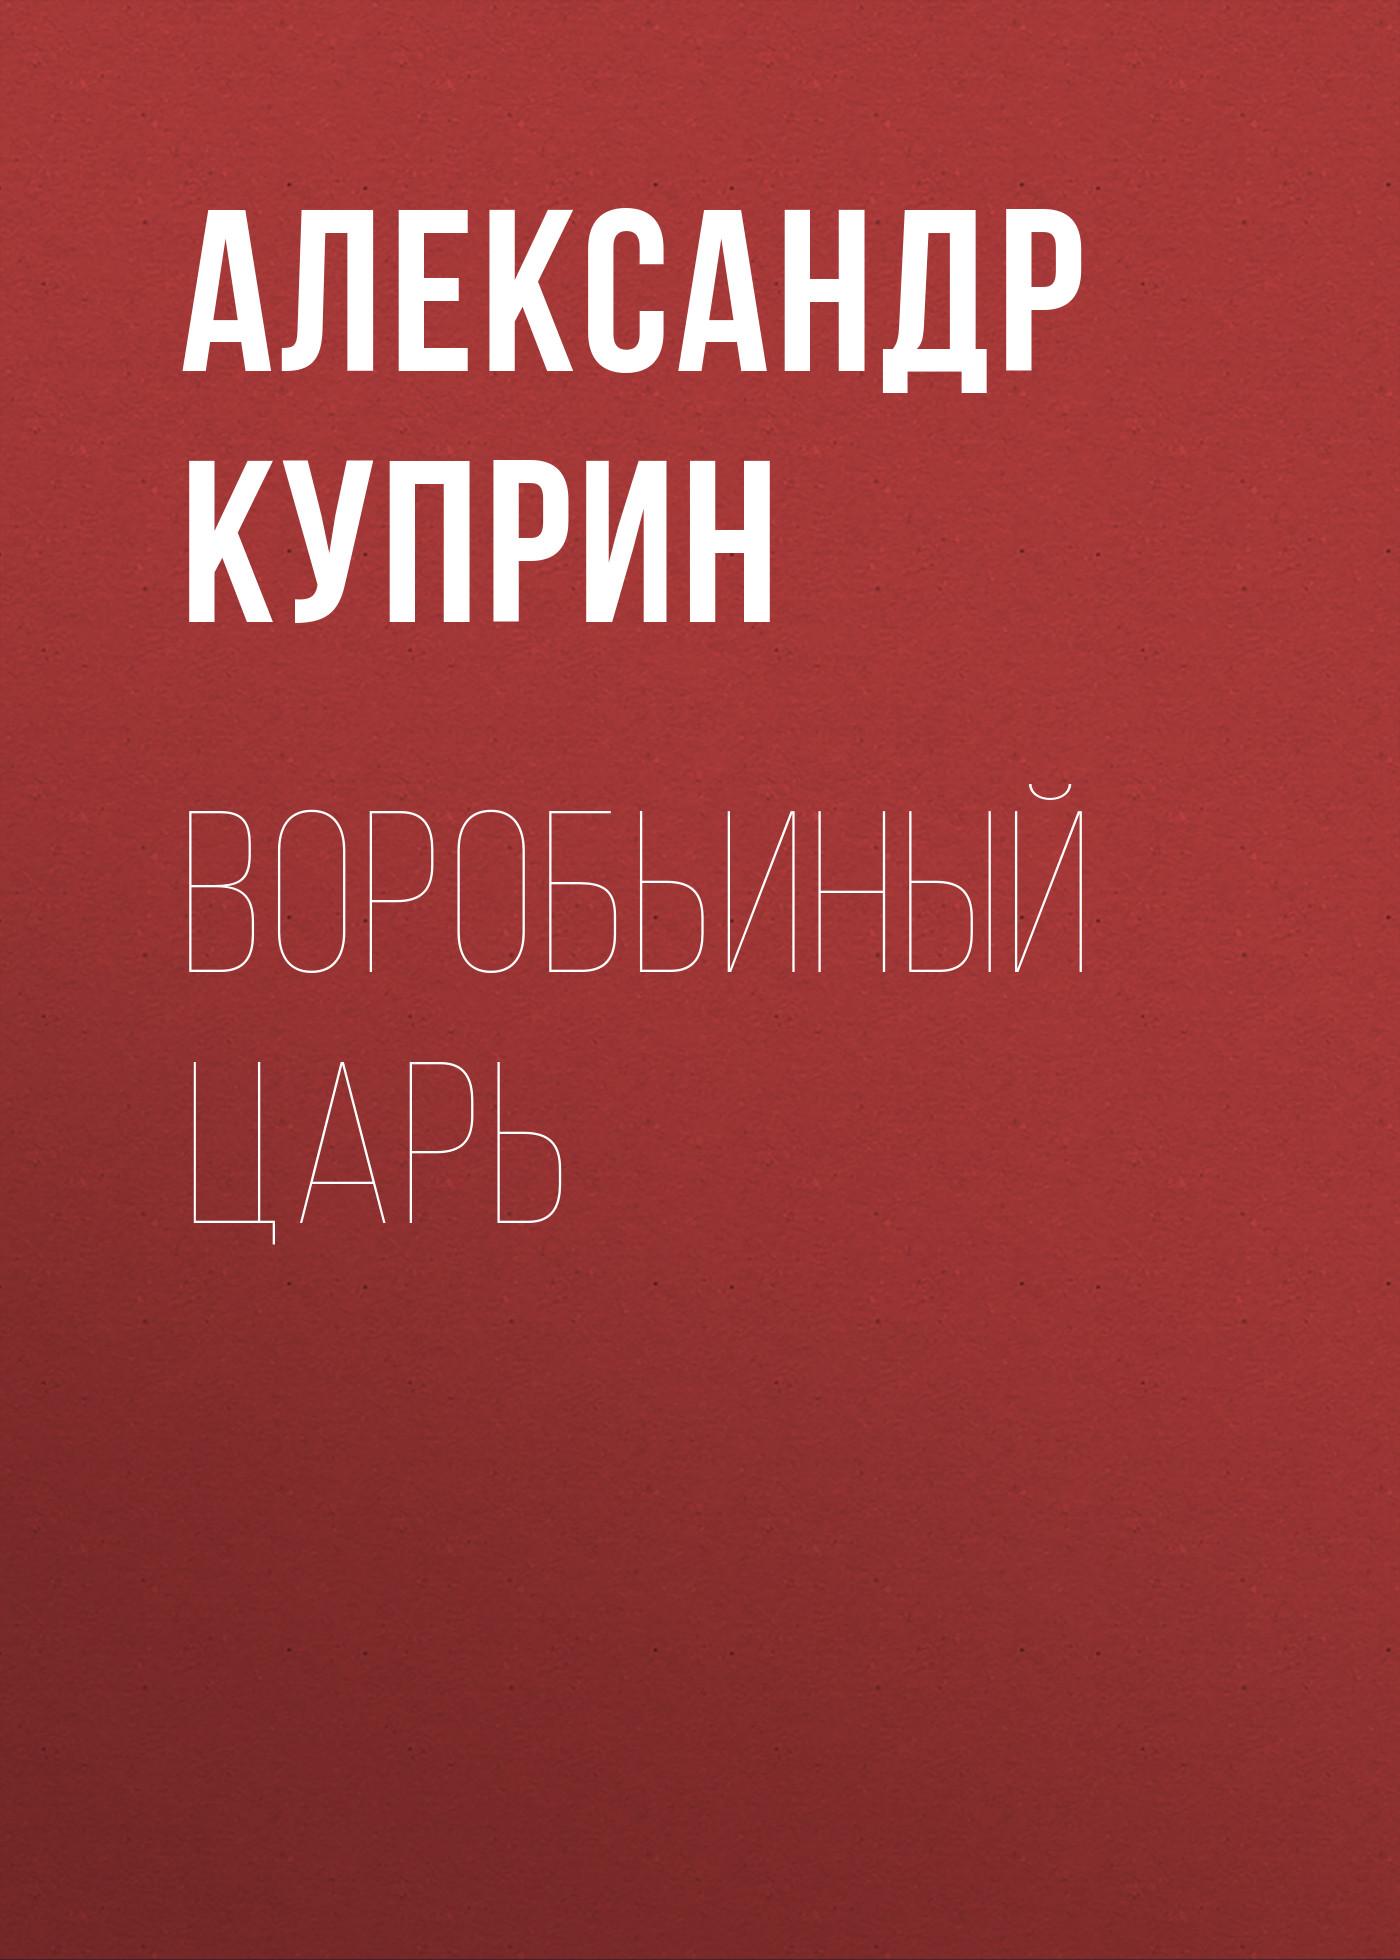 Купить книгу Воробьиный царь, автора А. И. Куприна